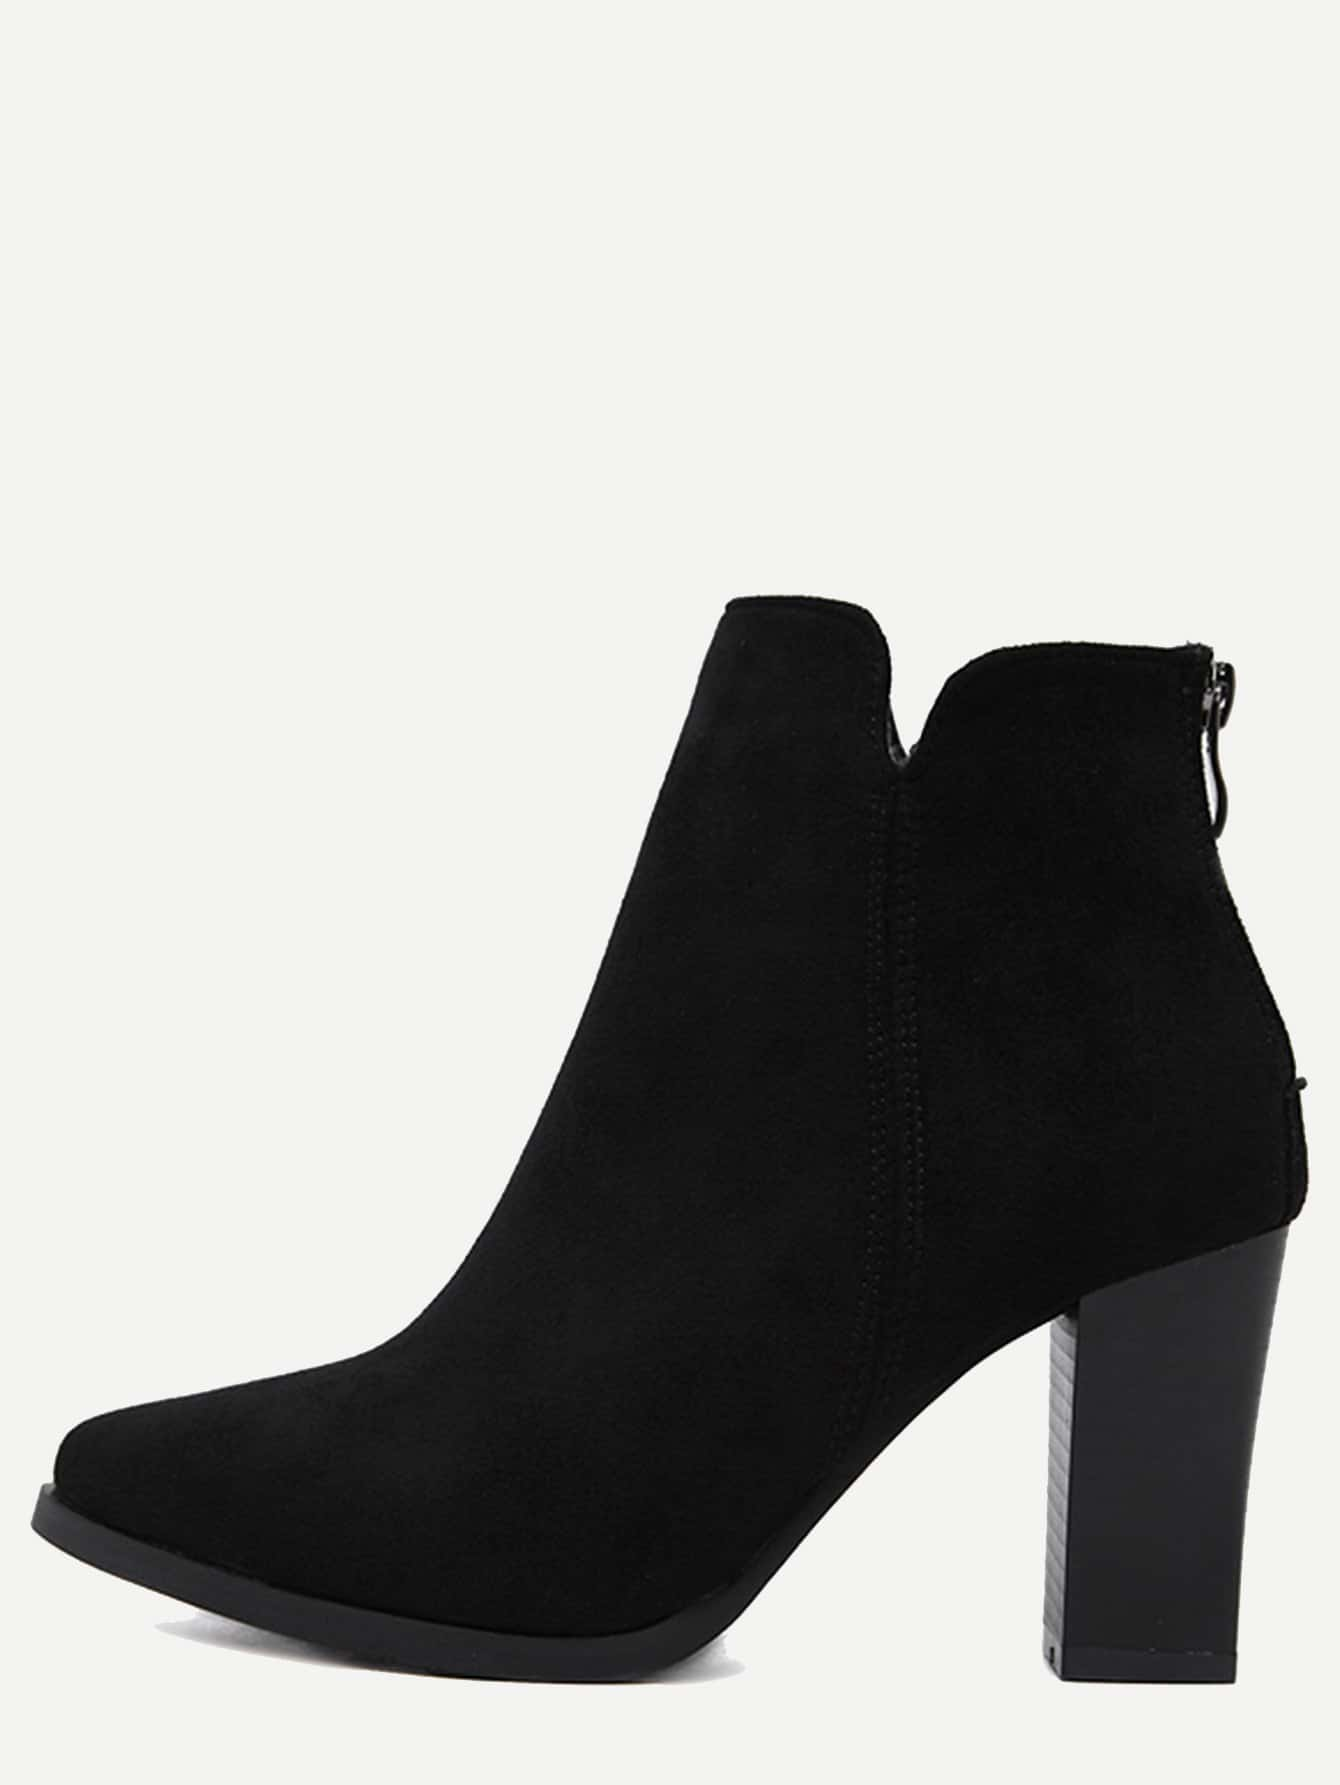 shoes160817814_2